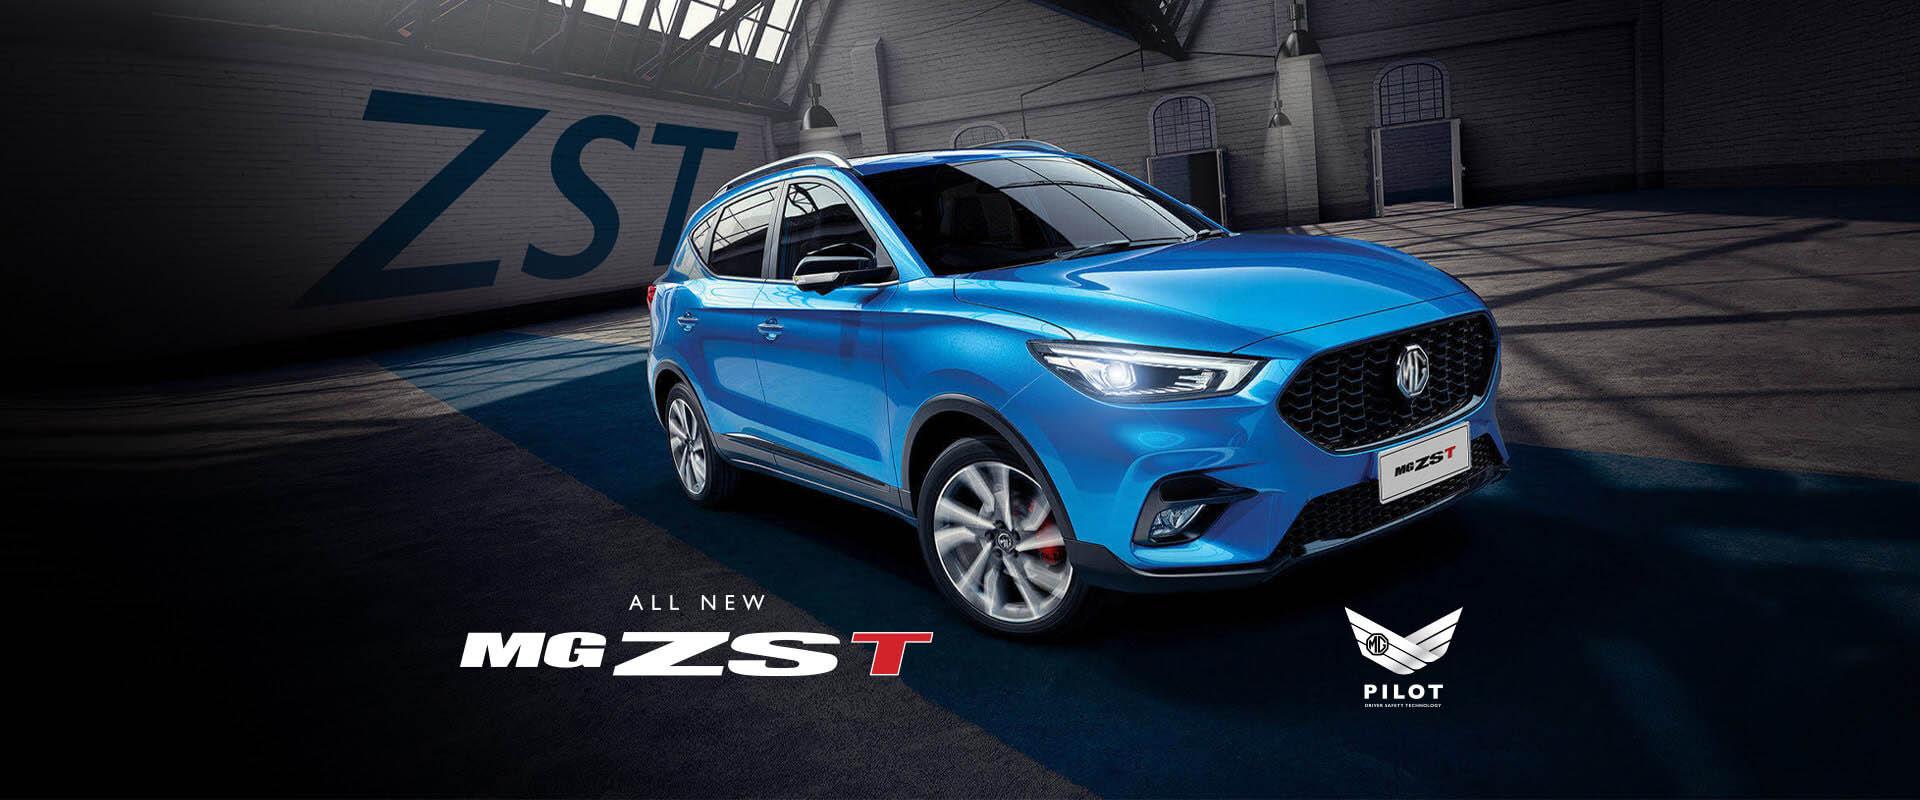 MG - New ZST